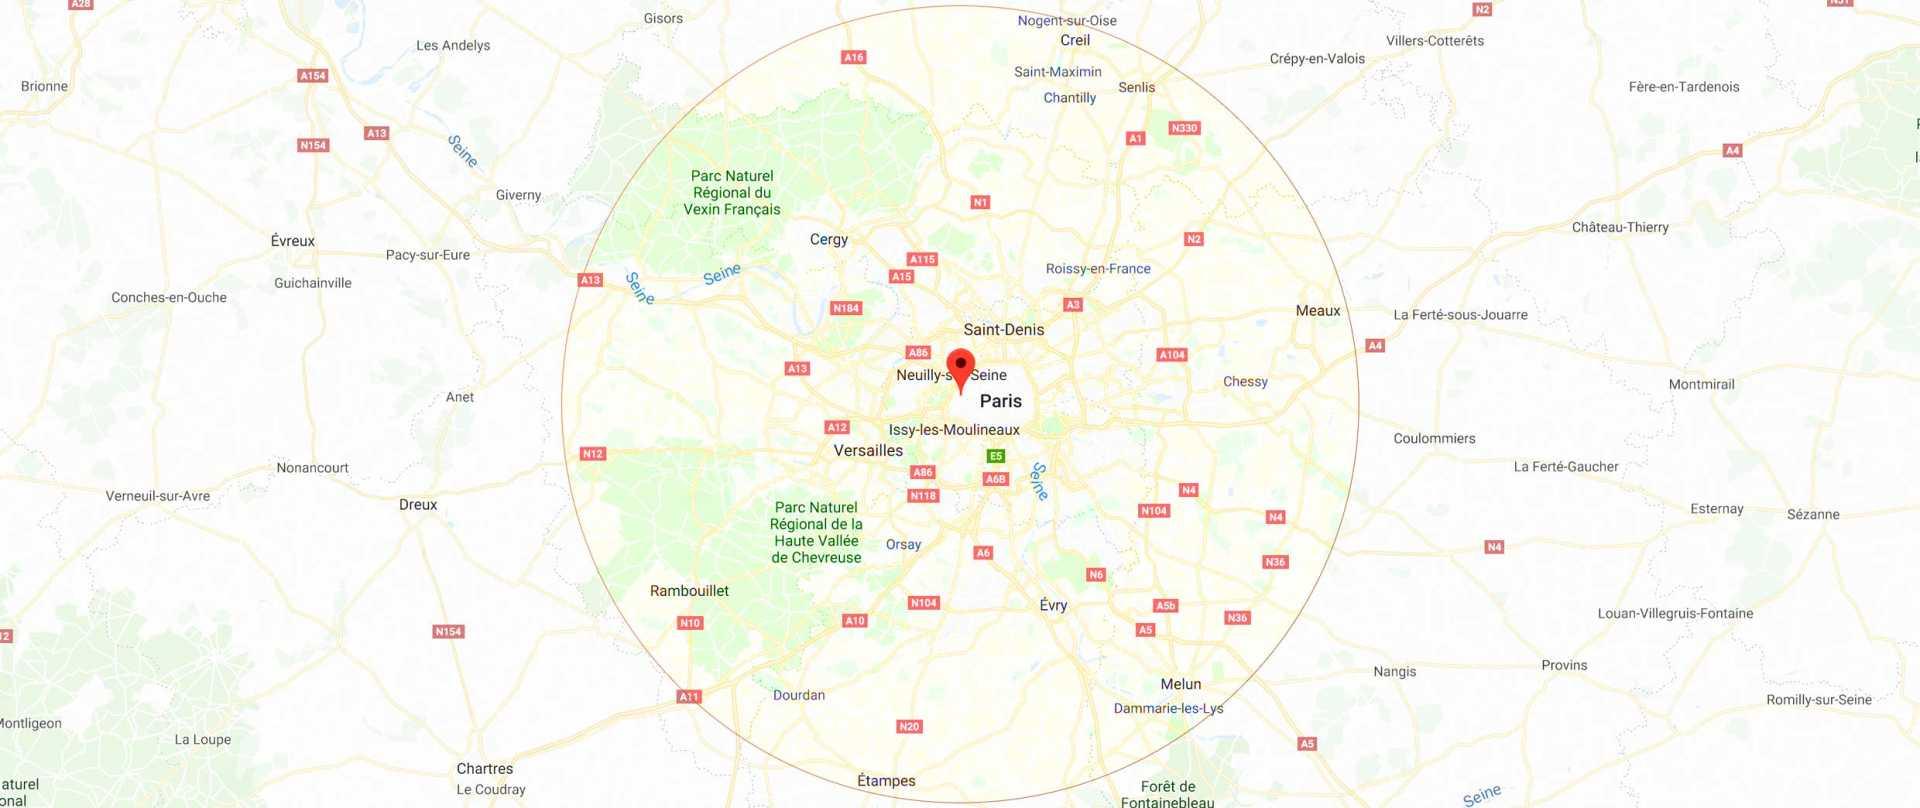 INterventiuon pour detection jusqu'à 60 km autour de Paris 16